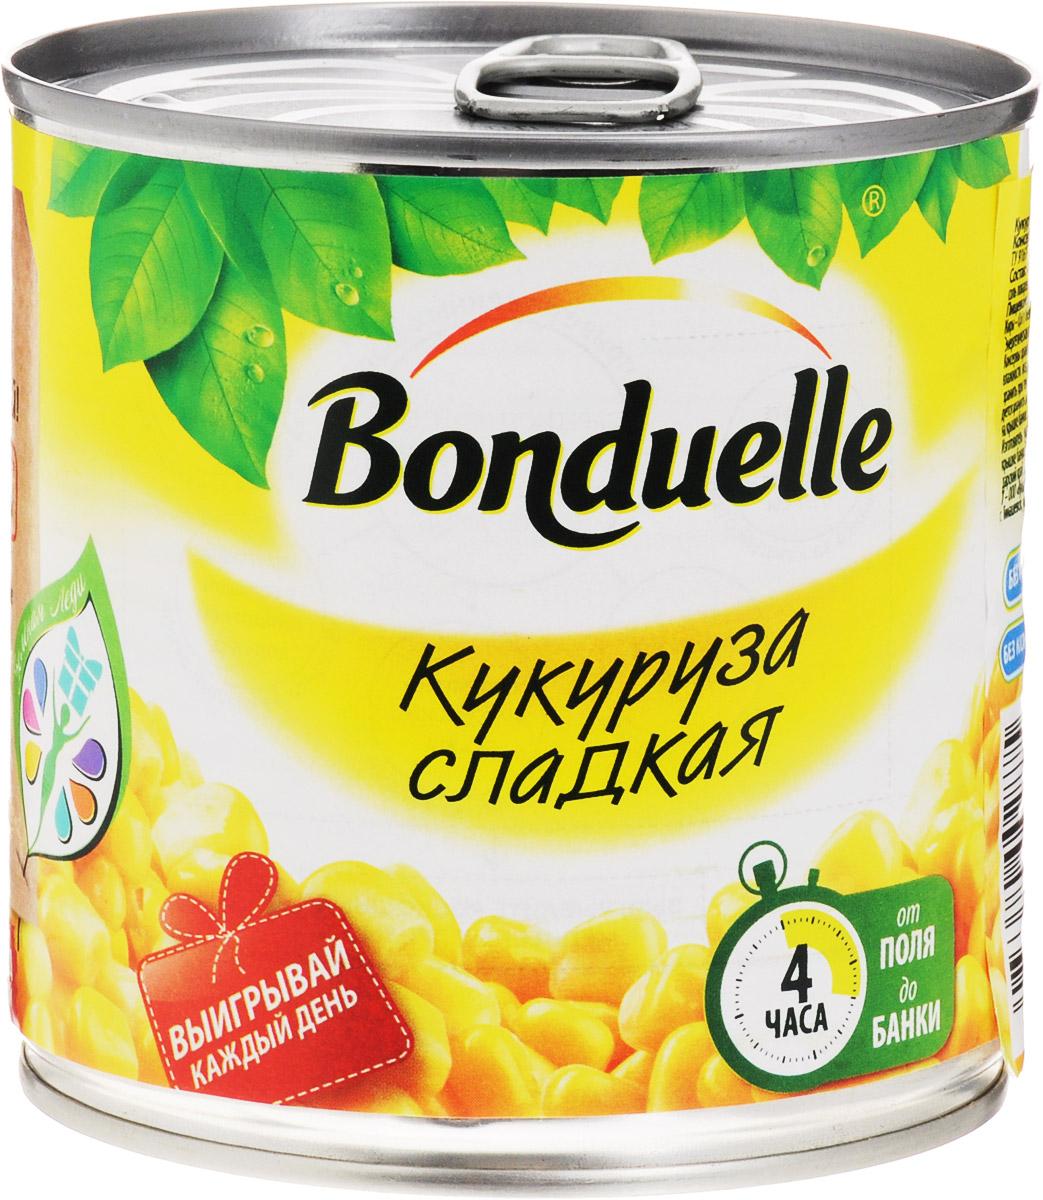 Bonduelle кукуруза сладкая, 340 г кукуруза bonduelle сладкая 340г